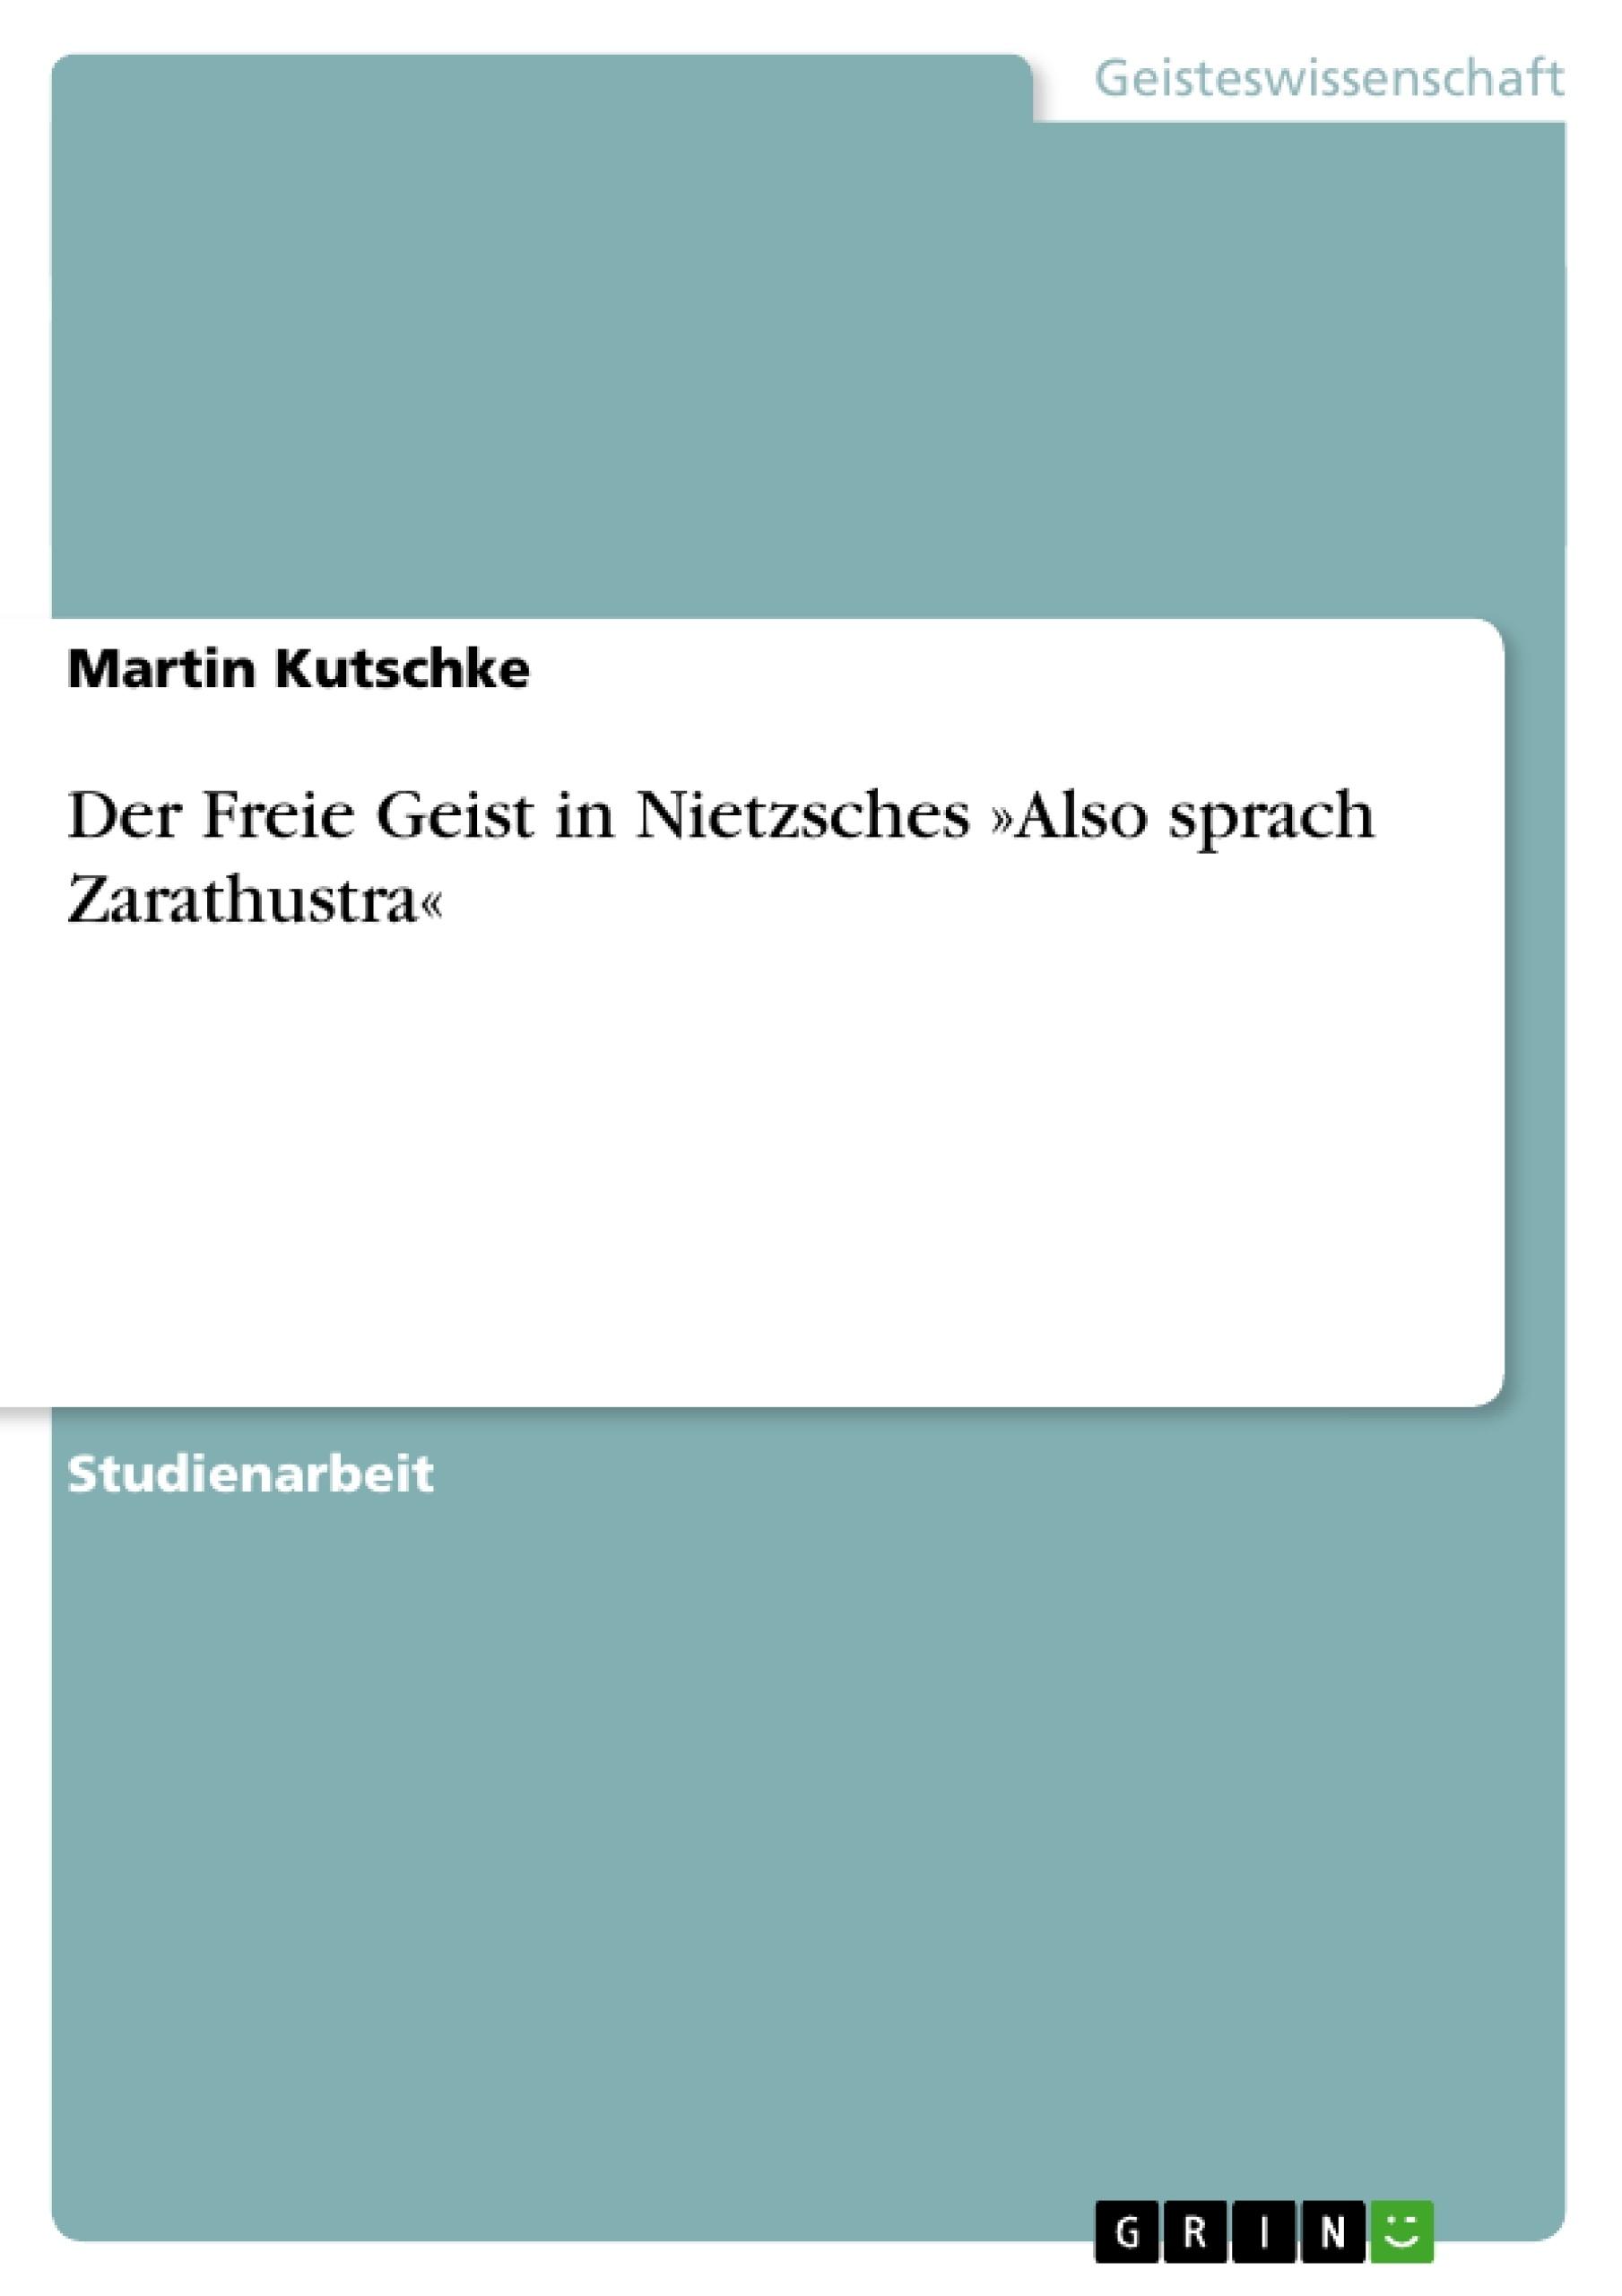 Titel: Der Freie Geist in Nietzsches »Also sprach Zarathustra«